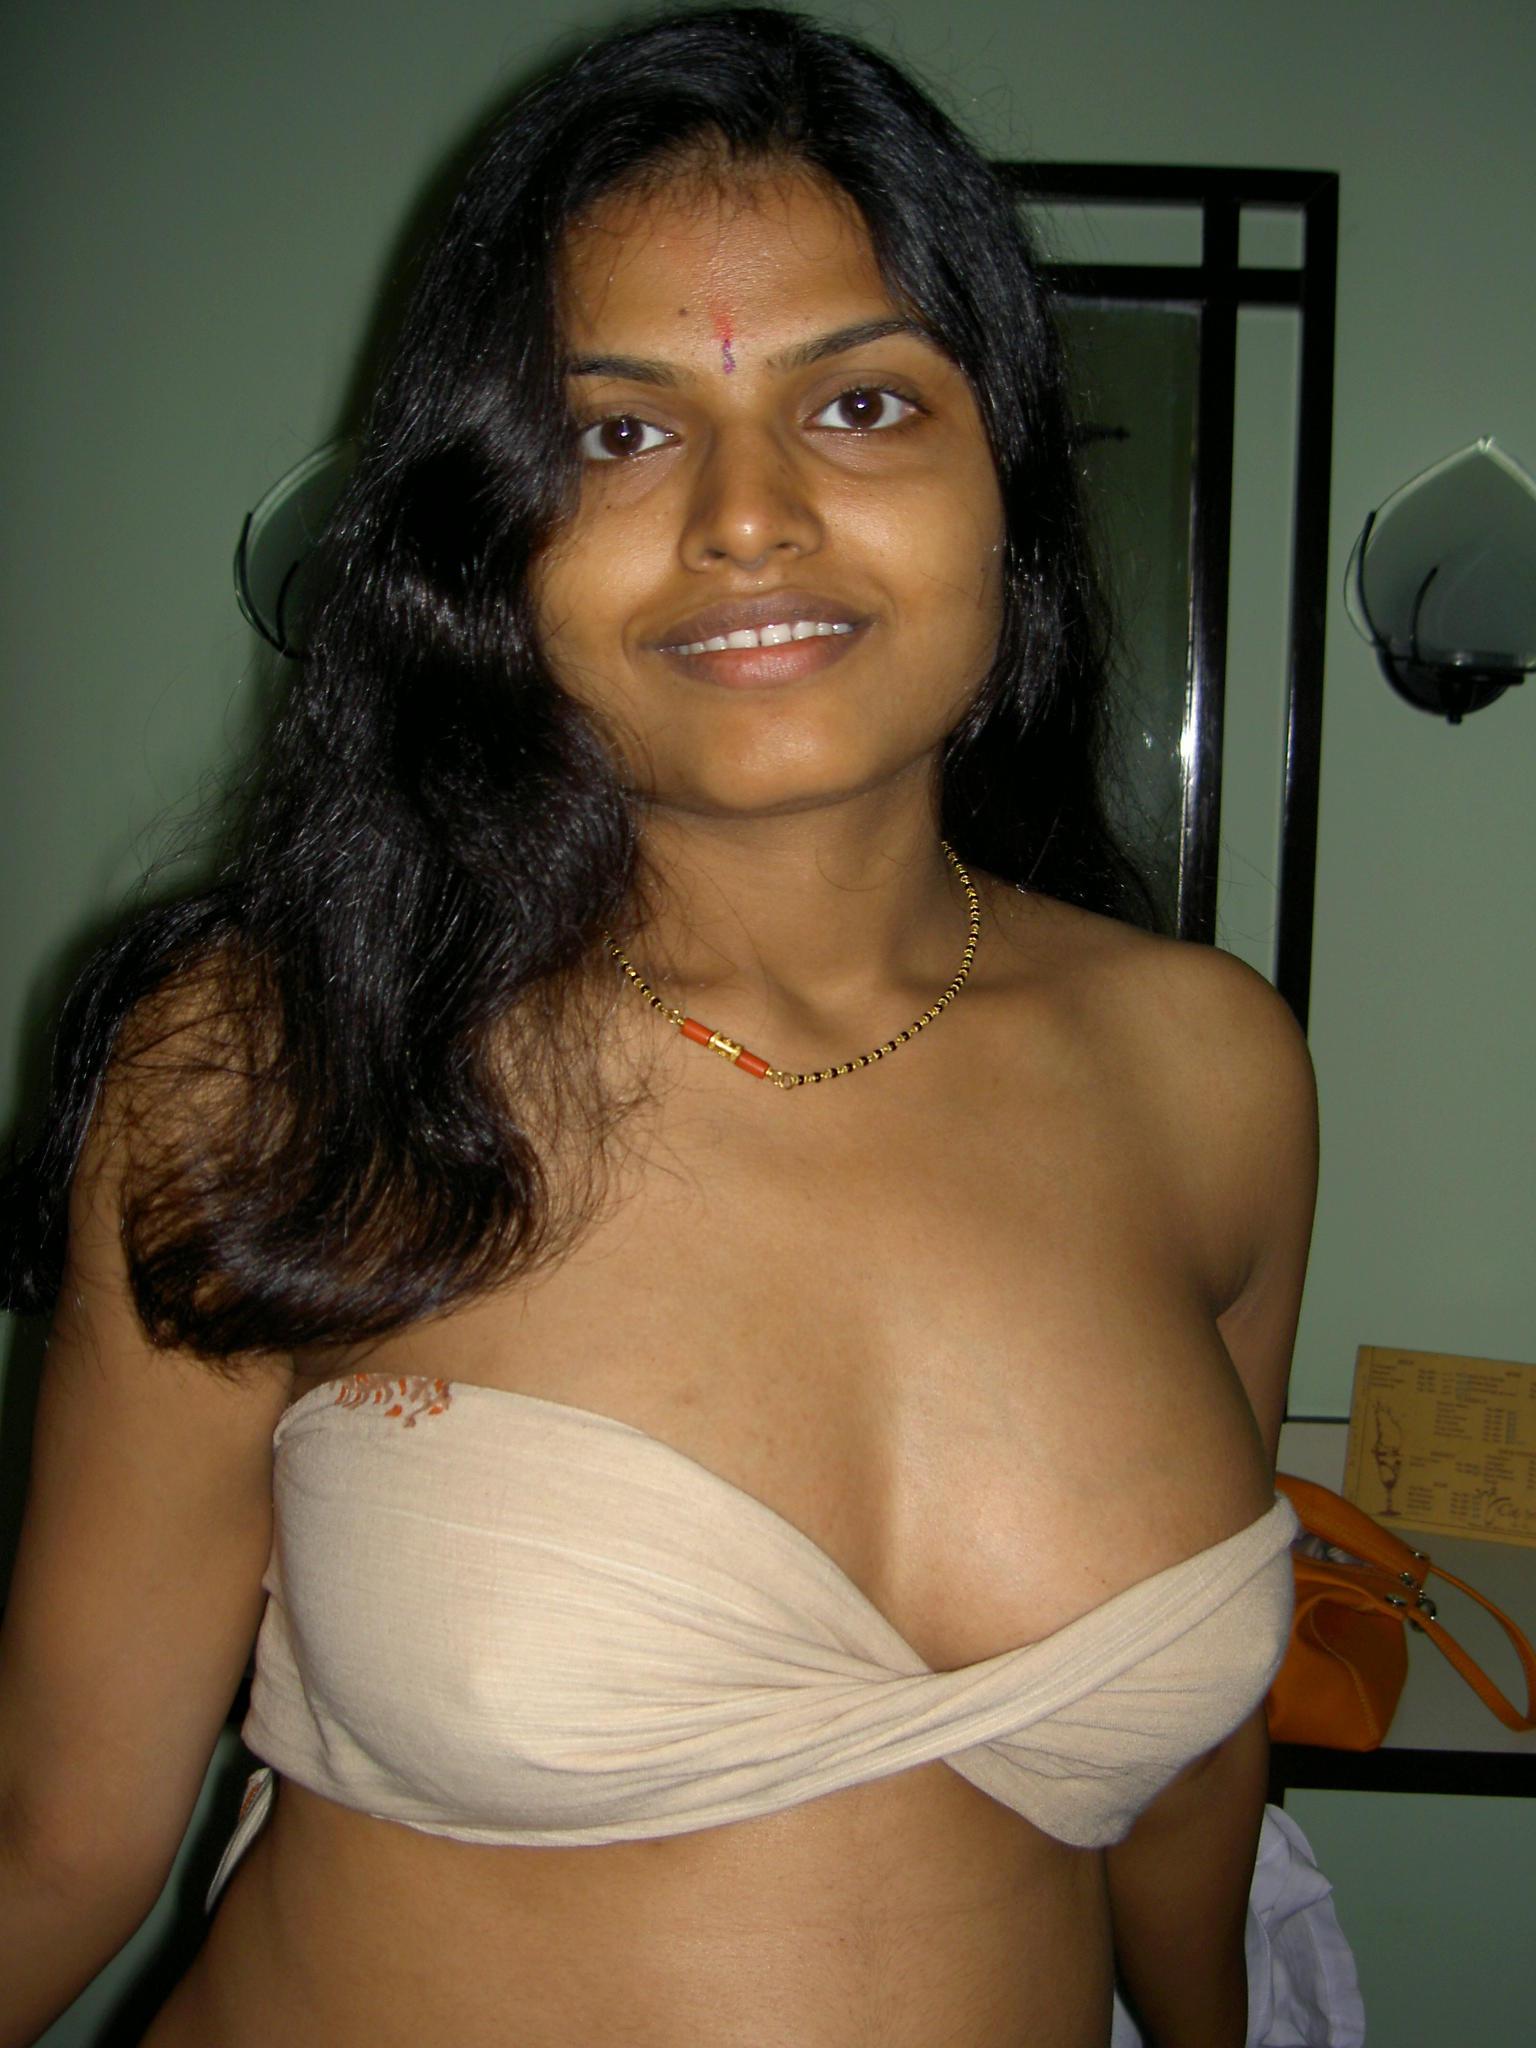 レイプ大国インドの売春婦がヤバすぎる・・・(画像36枚)・19枚目